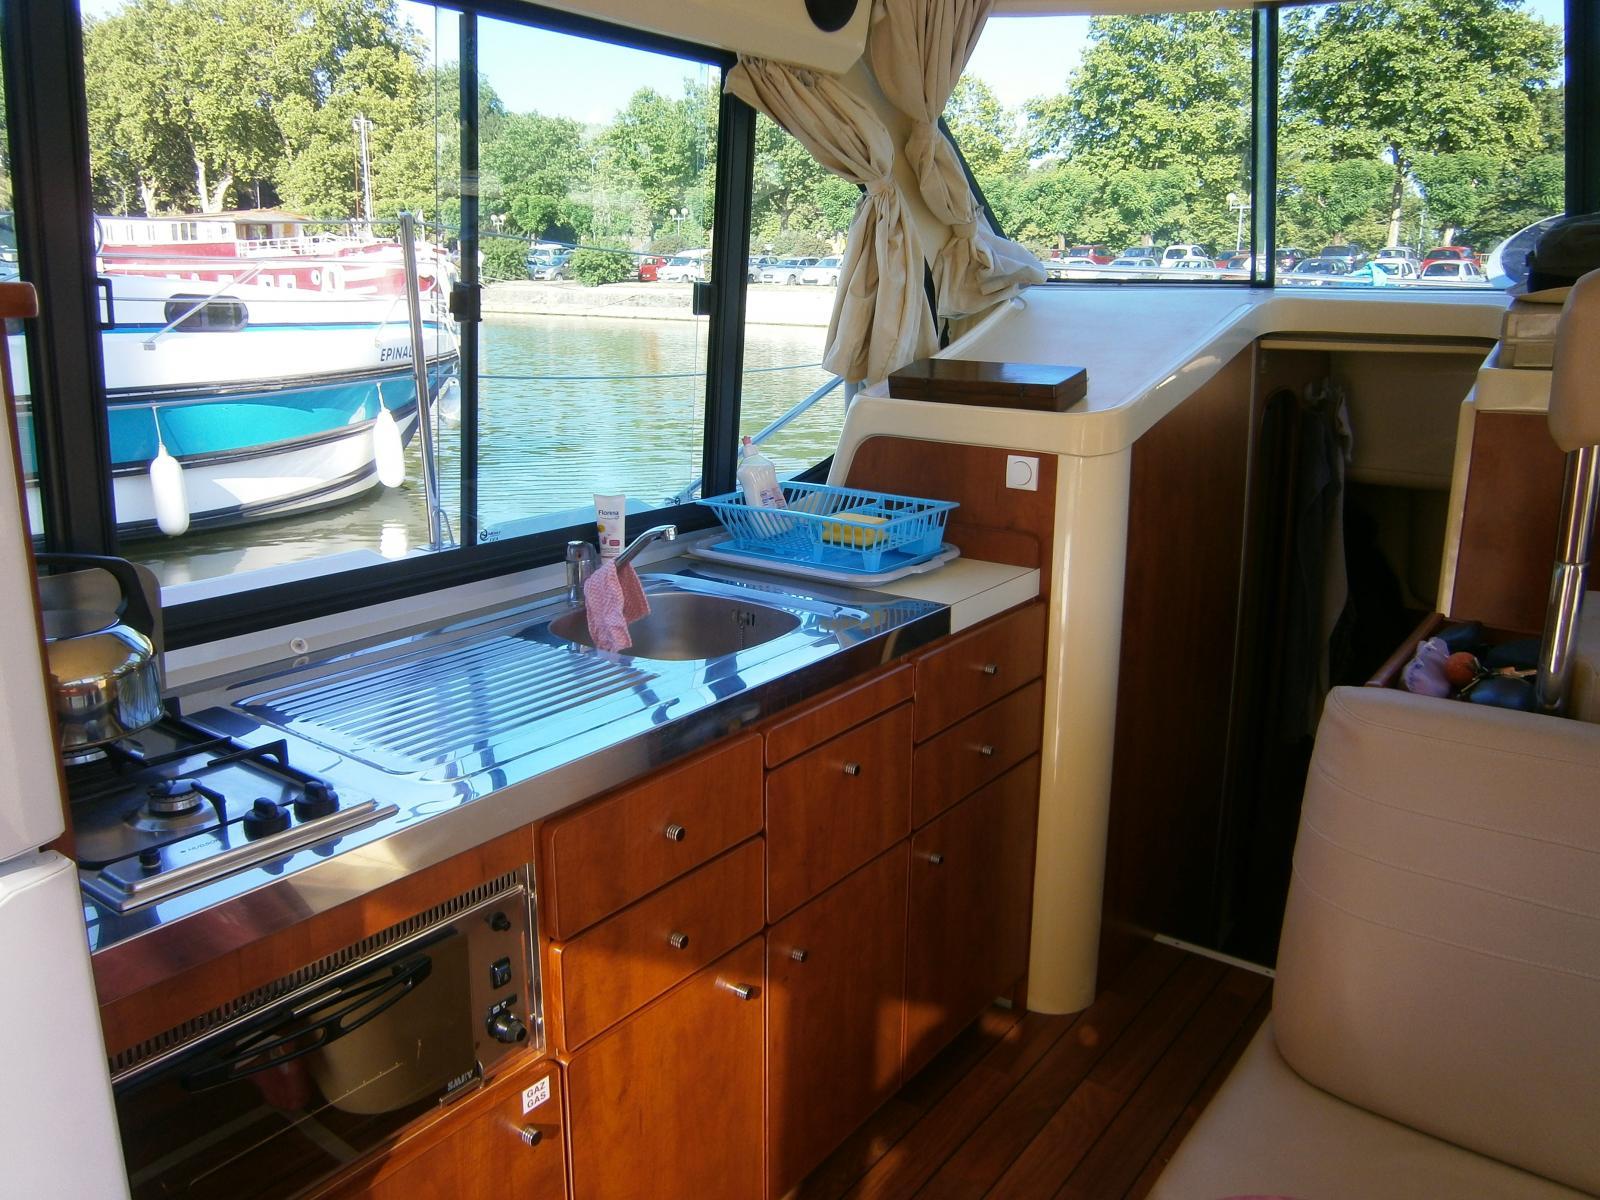 Innenausstattung von einem Hausboot